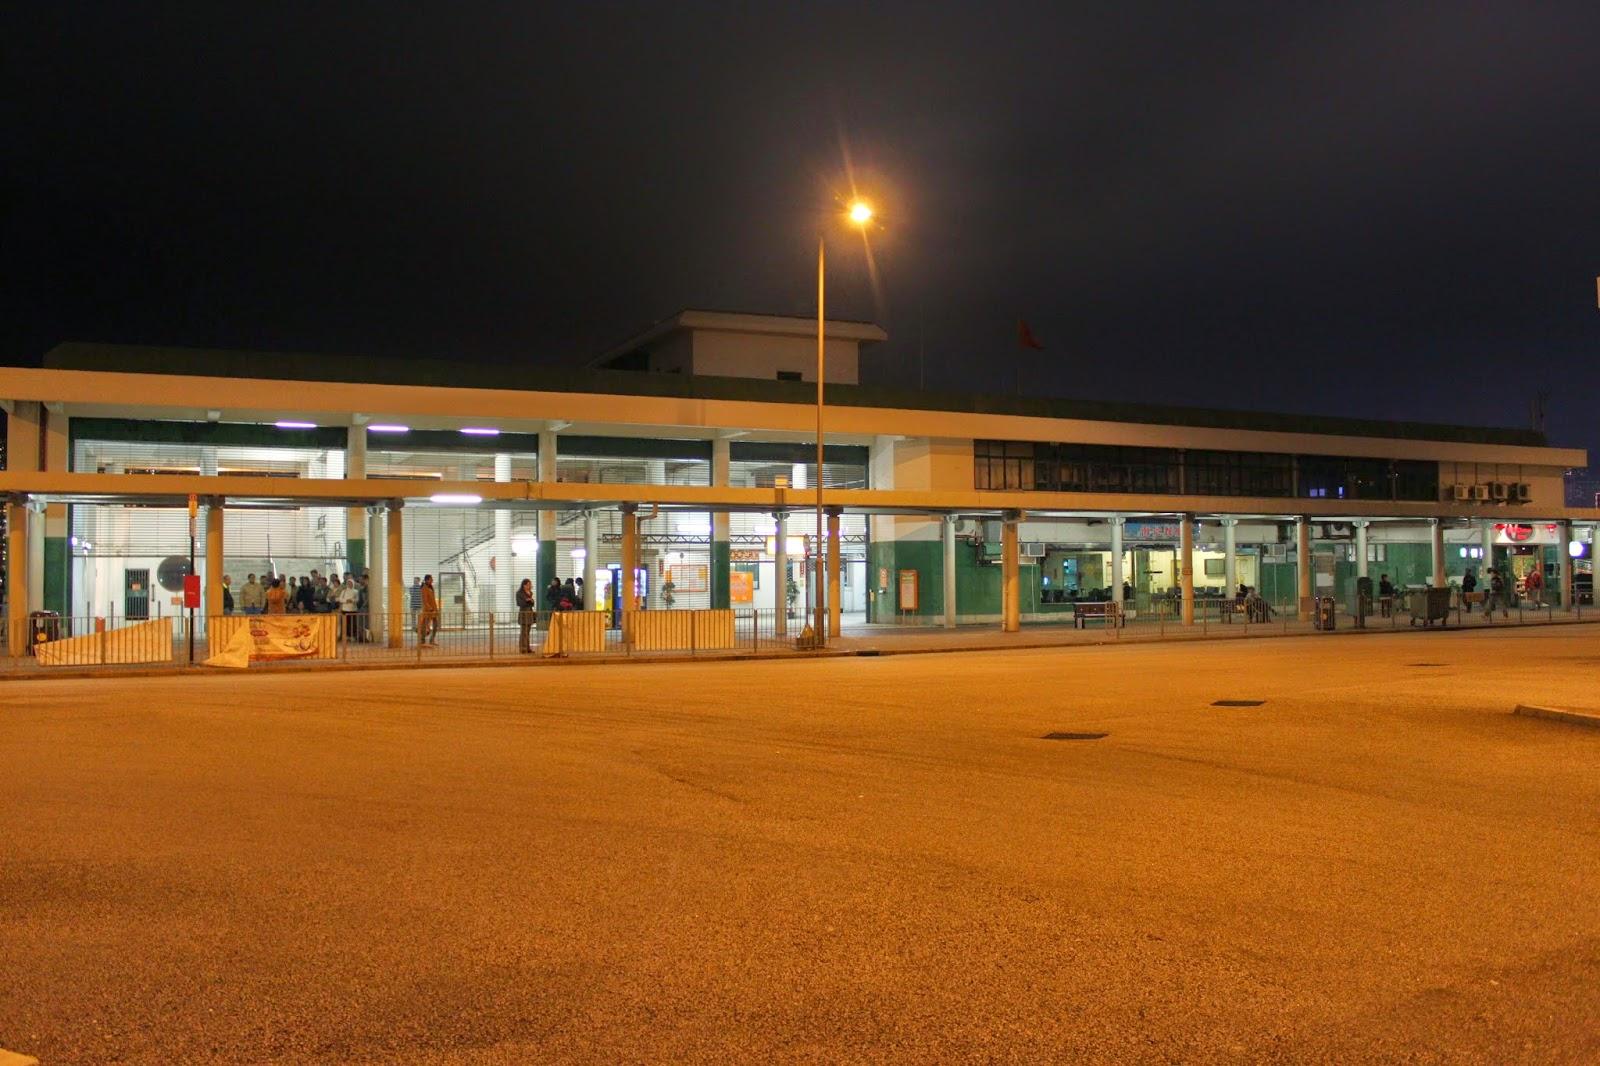 林公子生活遊記: 紅磡碼頭 去北角碼頭 維港夜景 那些年試相機